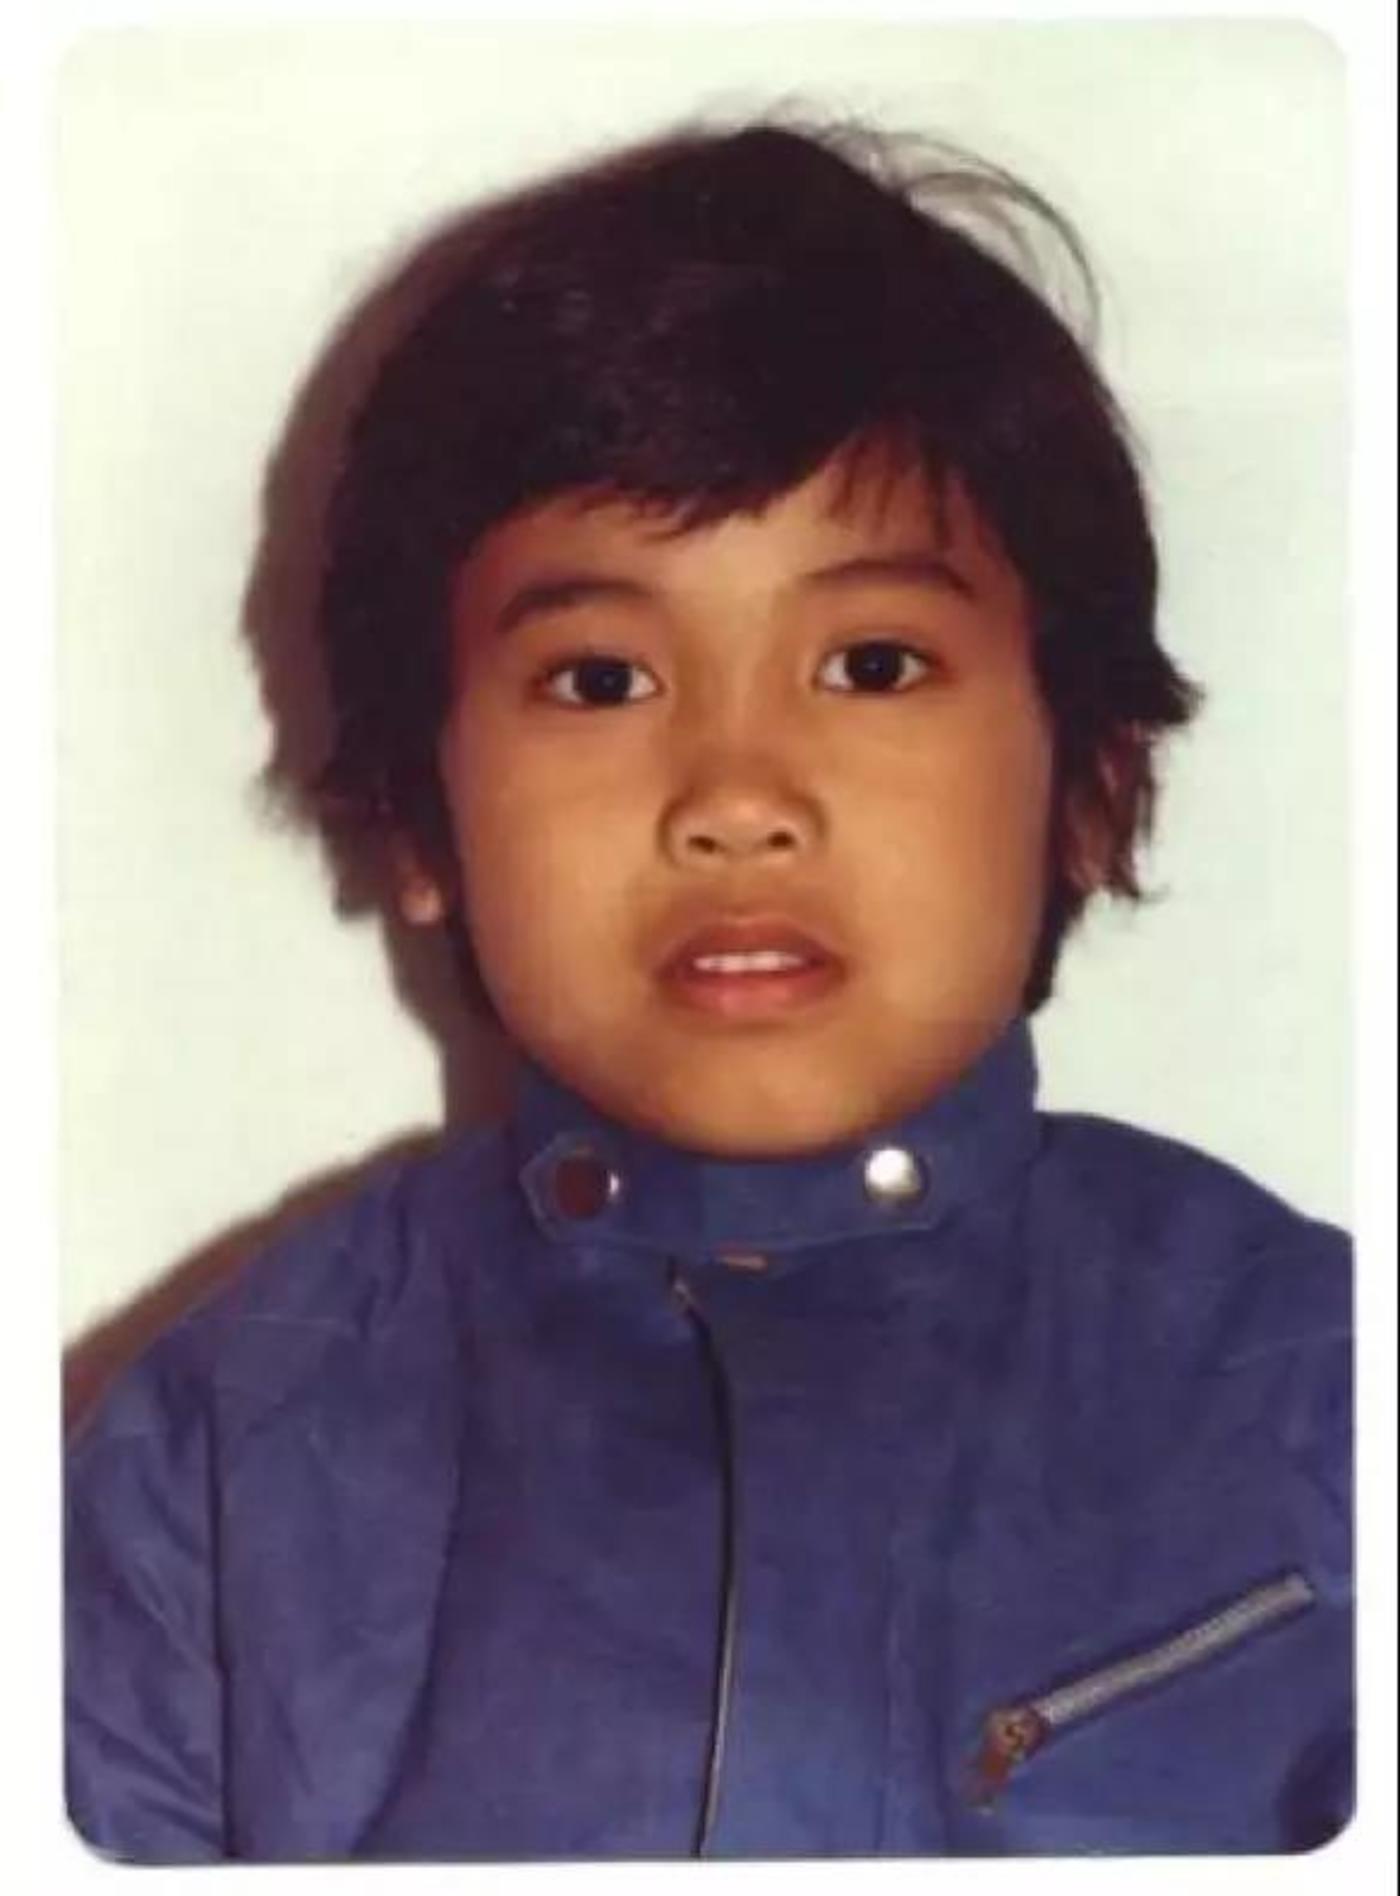 安佐斯的父母是菲律宾移民,他在美国马里兰州长大